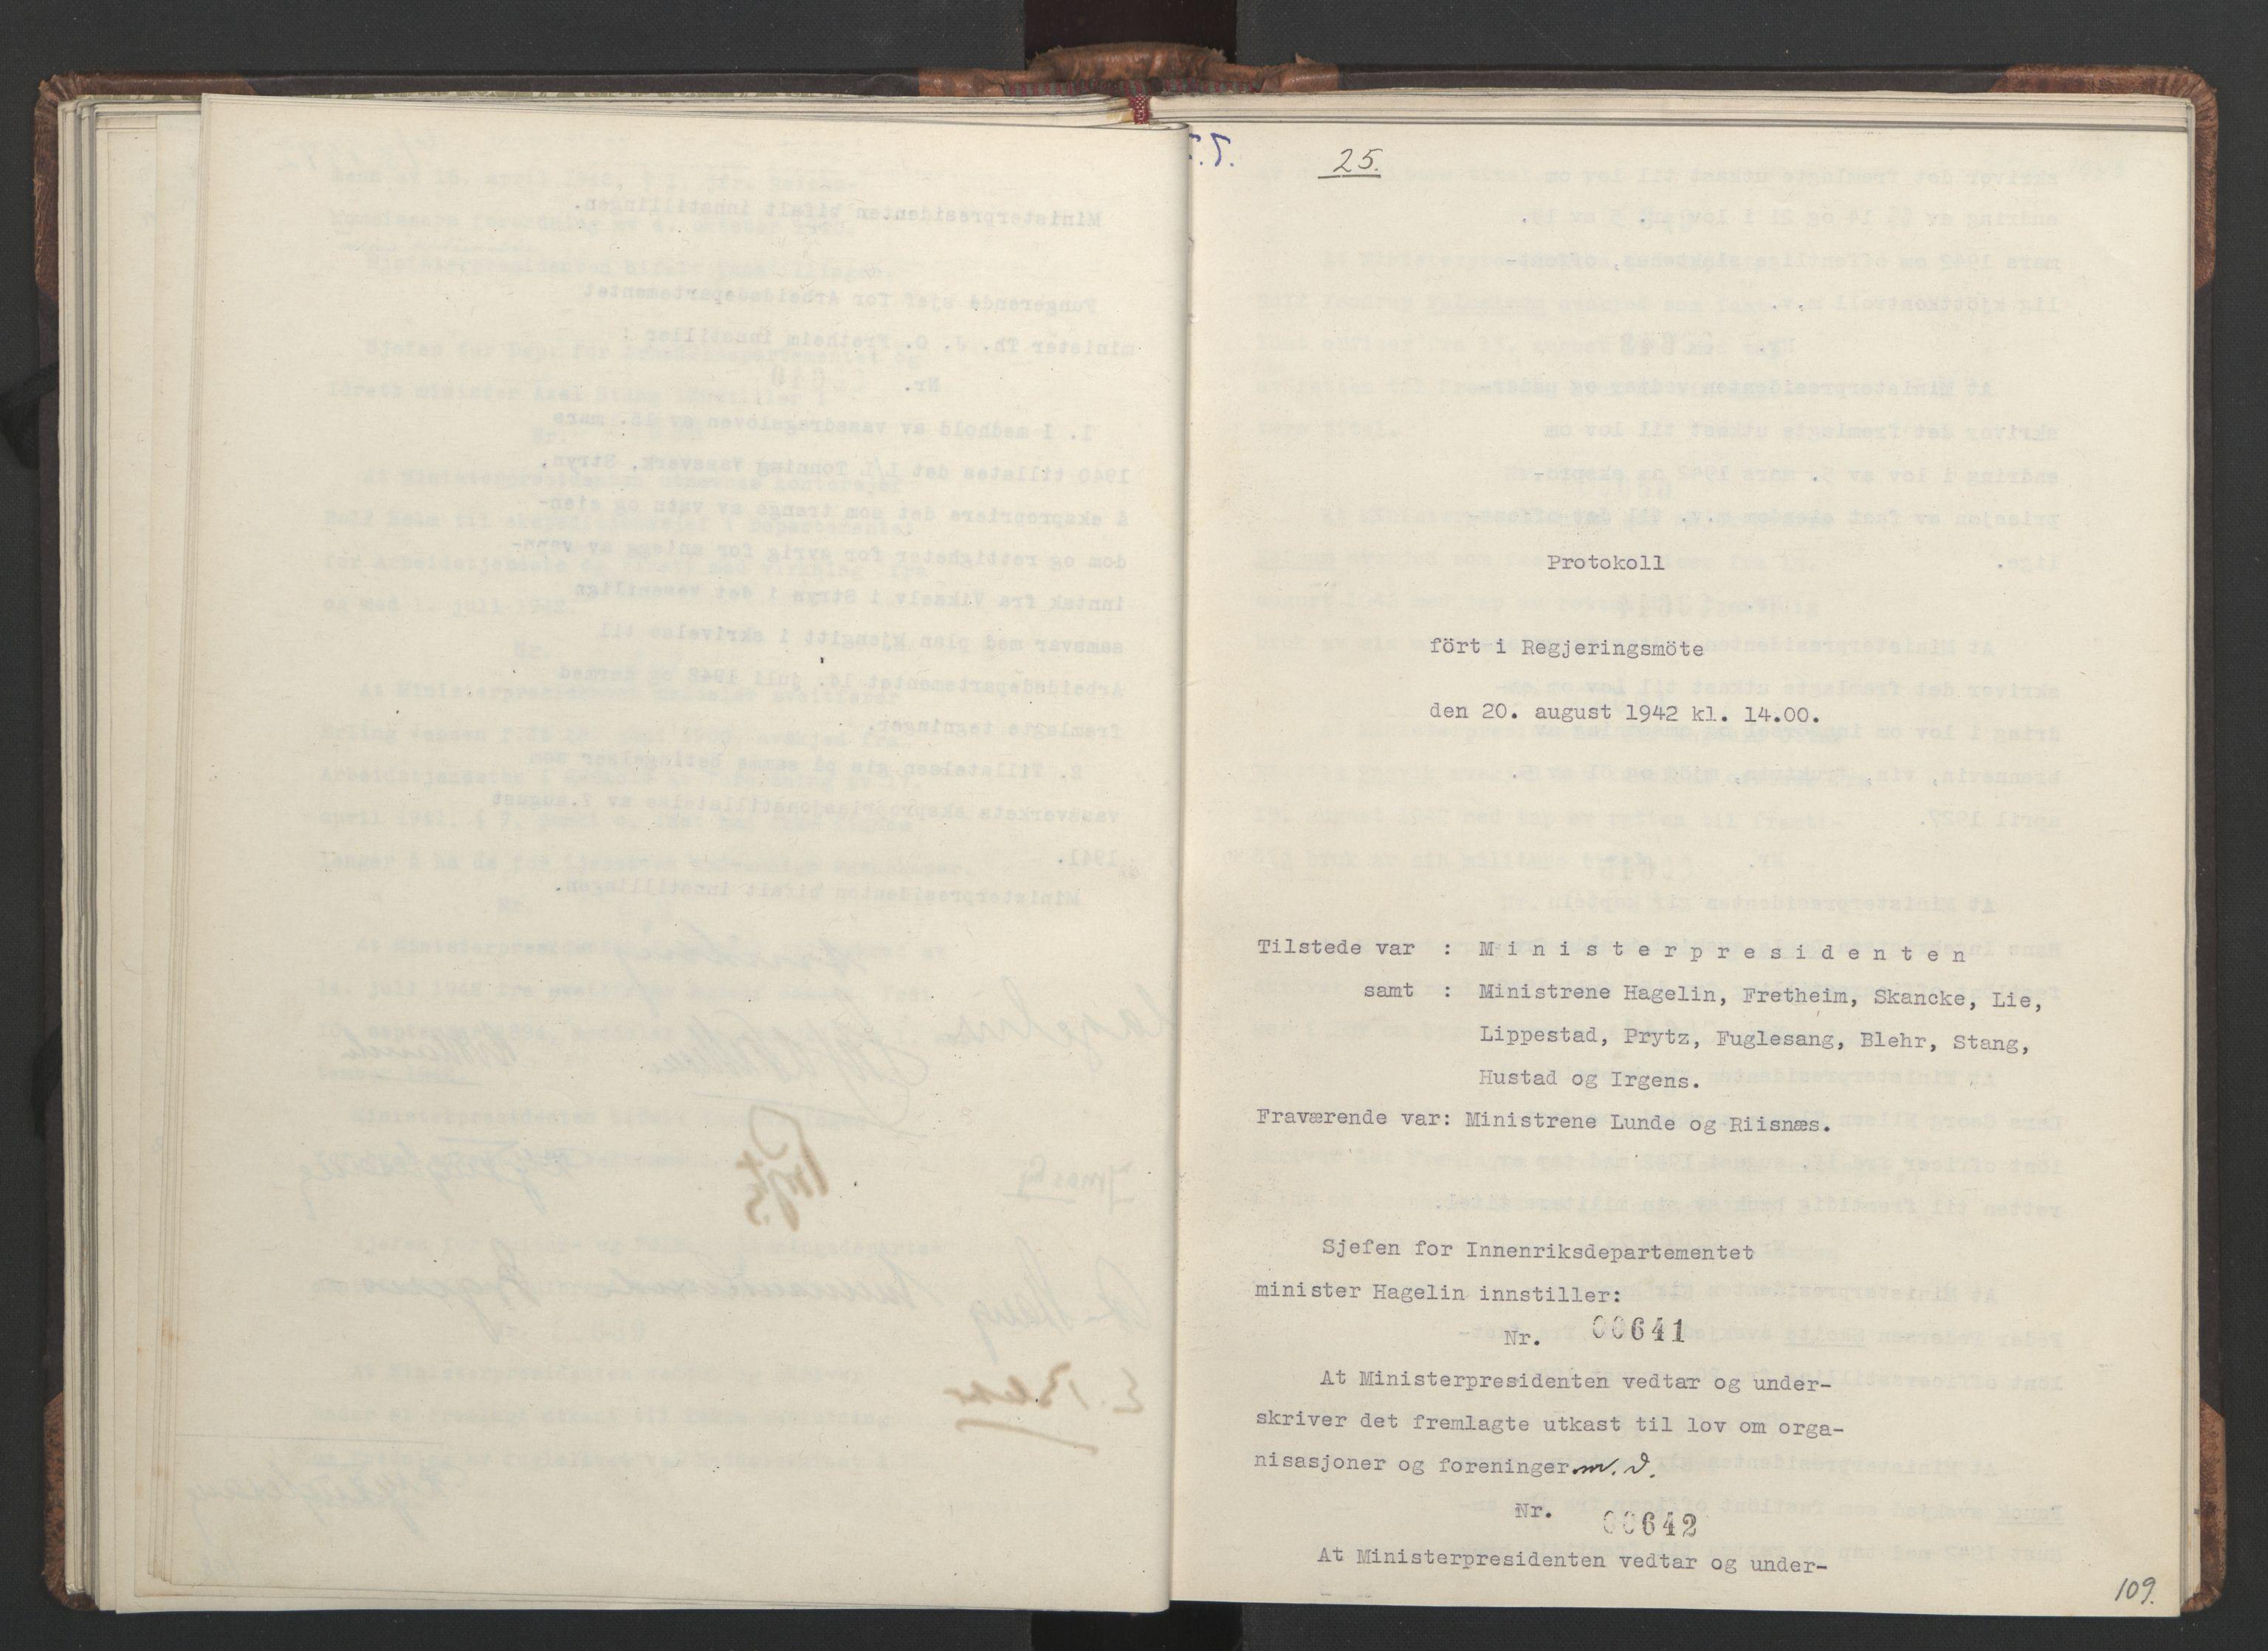 RA, NS-administrasjonen 1940-1945 (Statsrådsekretariatet, de kommisariske statsråder mm), D/Da/L0001: Beslutninger og tillegg (1-952 og 1-32), 1942, s. 108b-109a